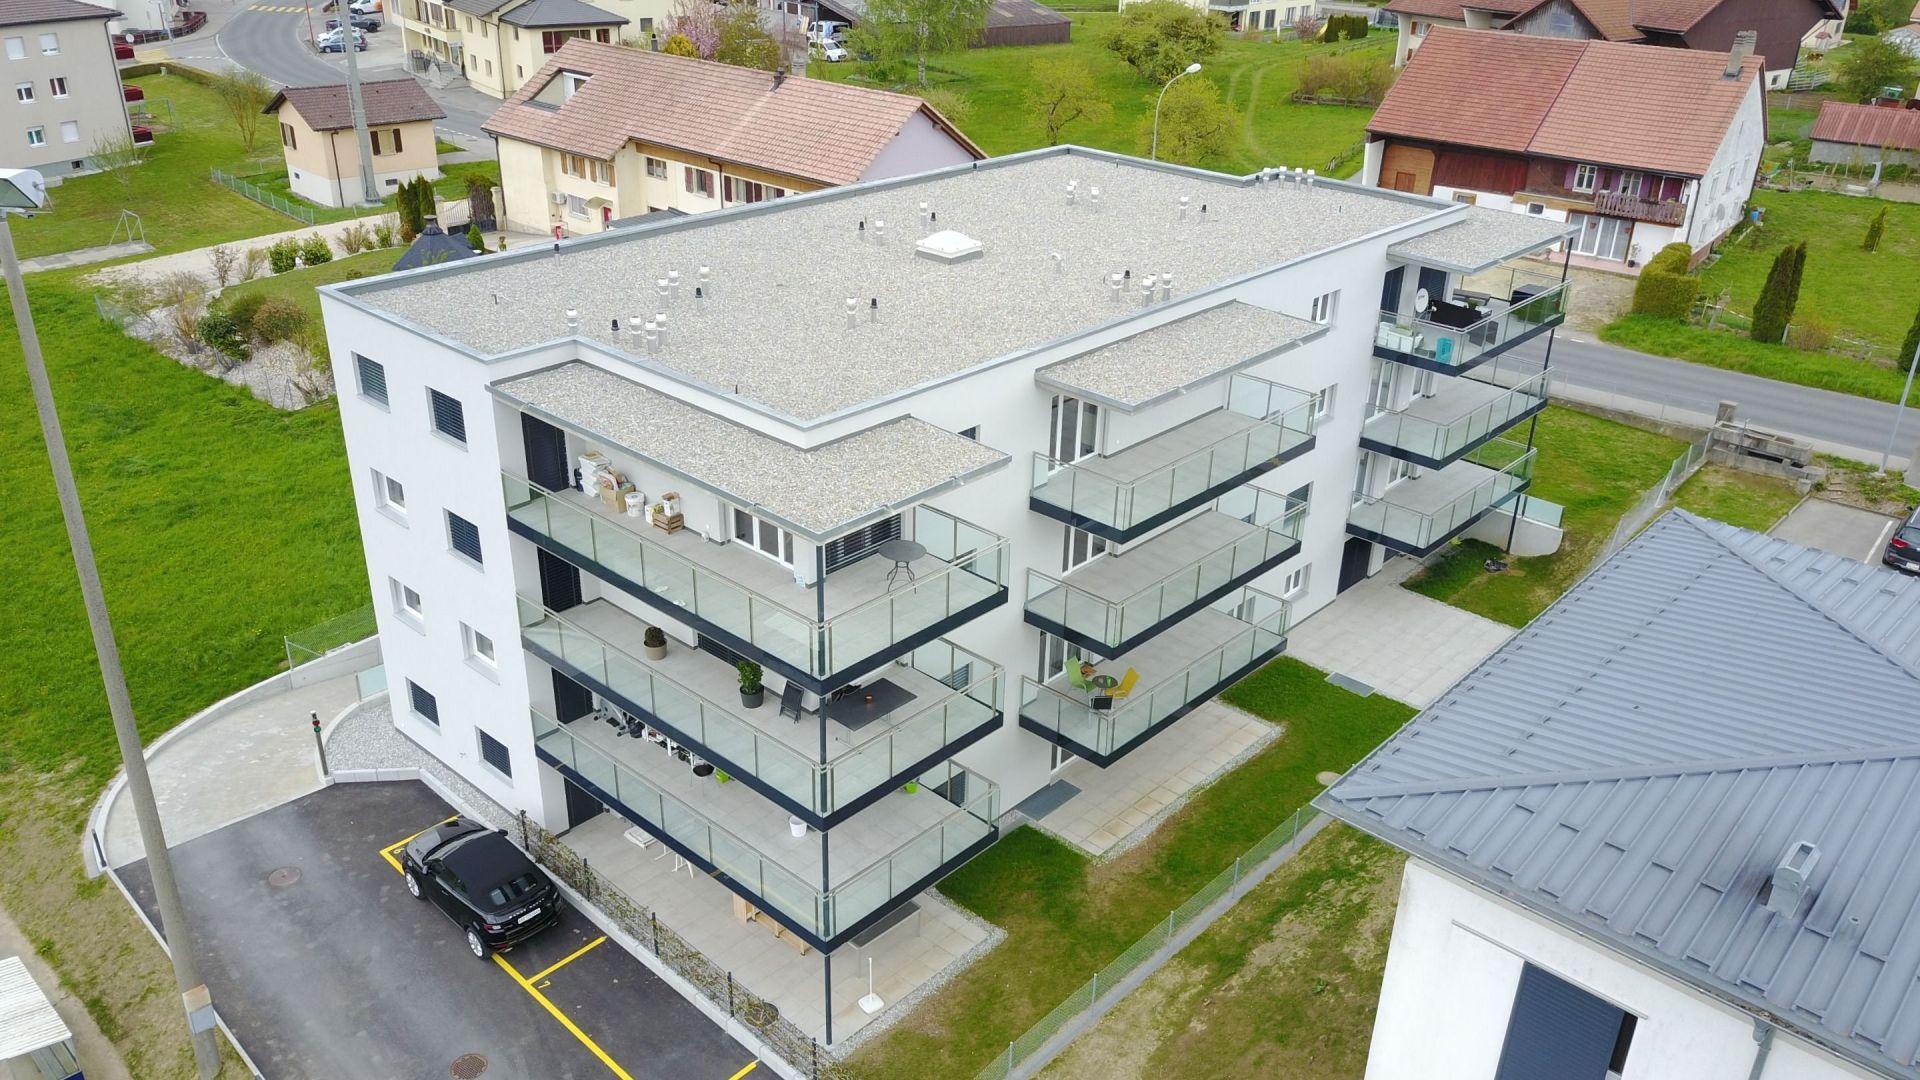 Siviriez - 19 appartements - Projet terminé